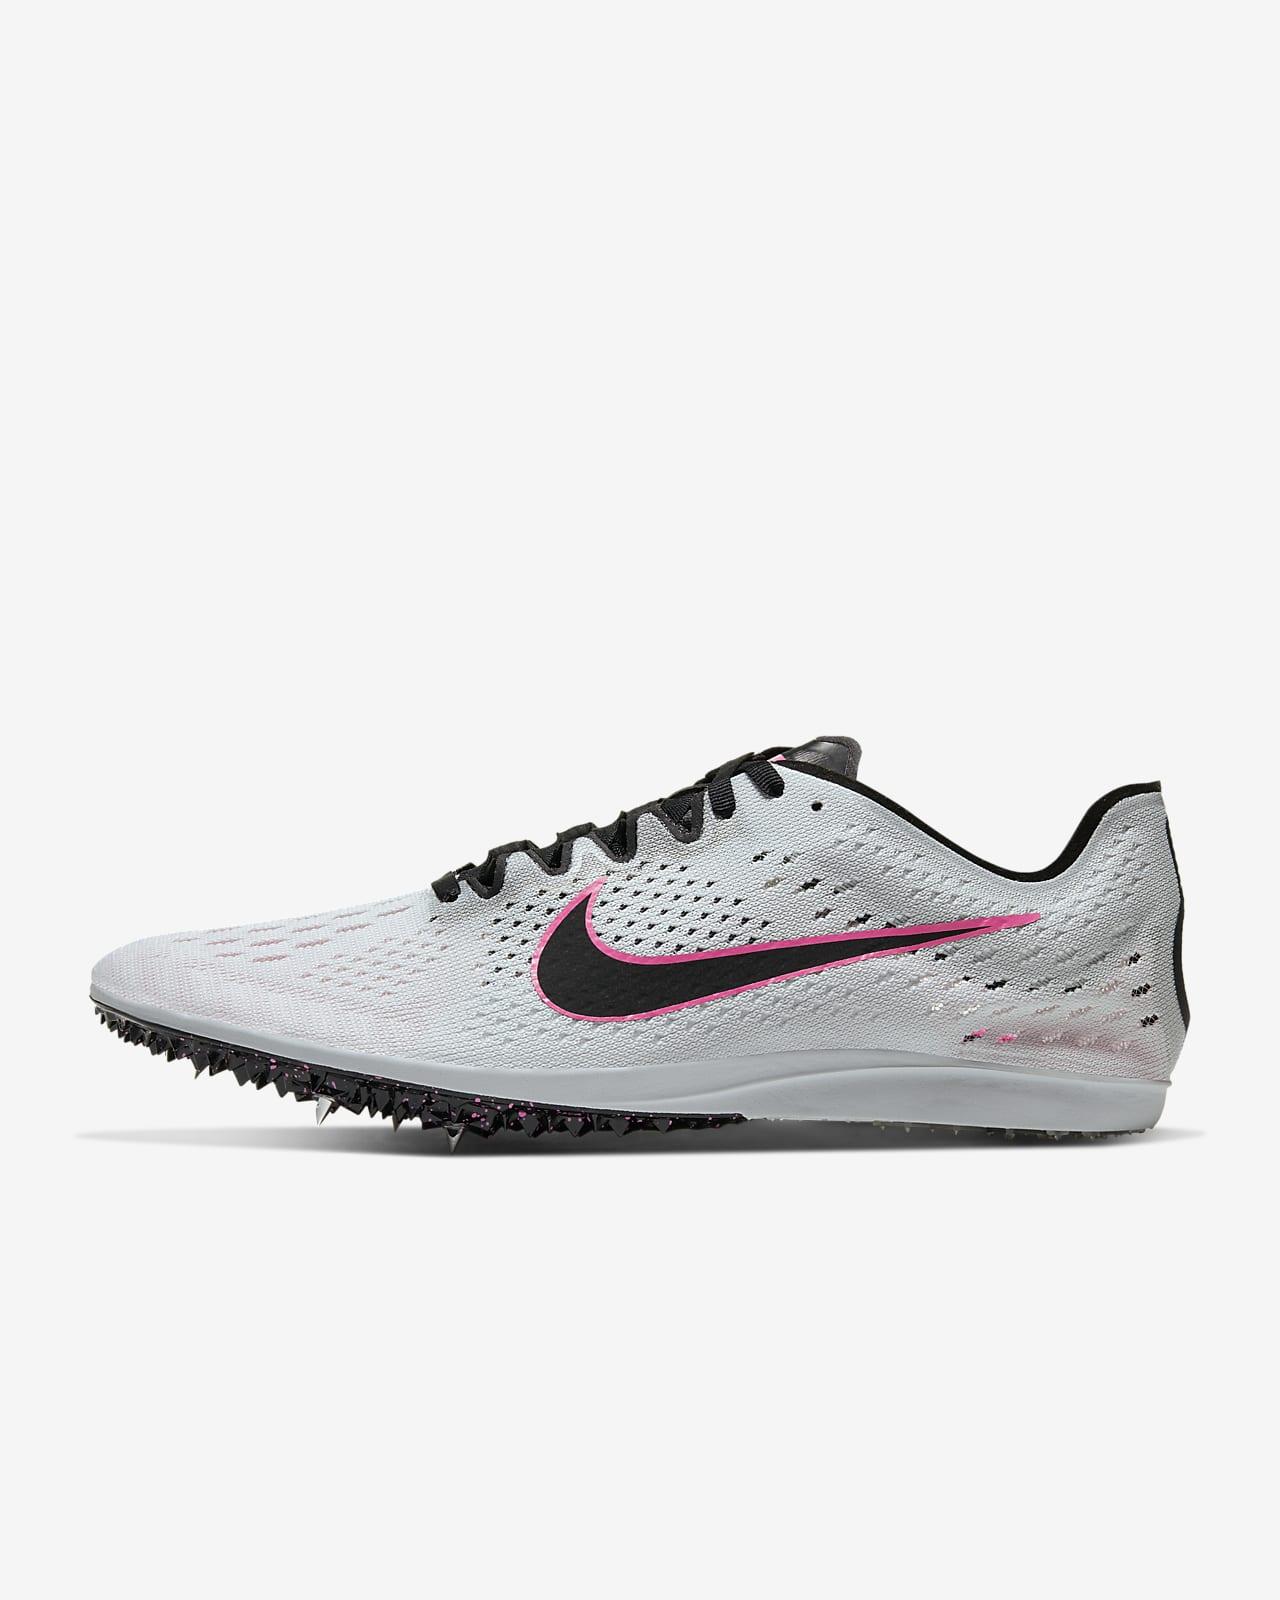 Nike Zoom Matumbo 3 Unisex Distance